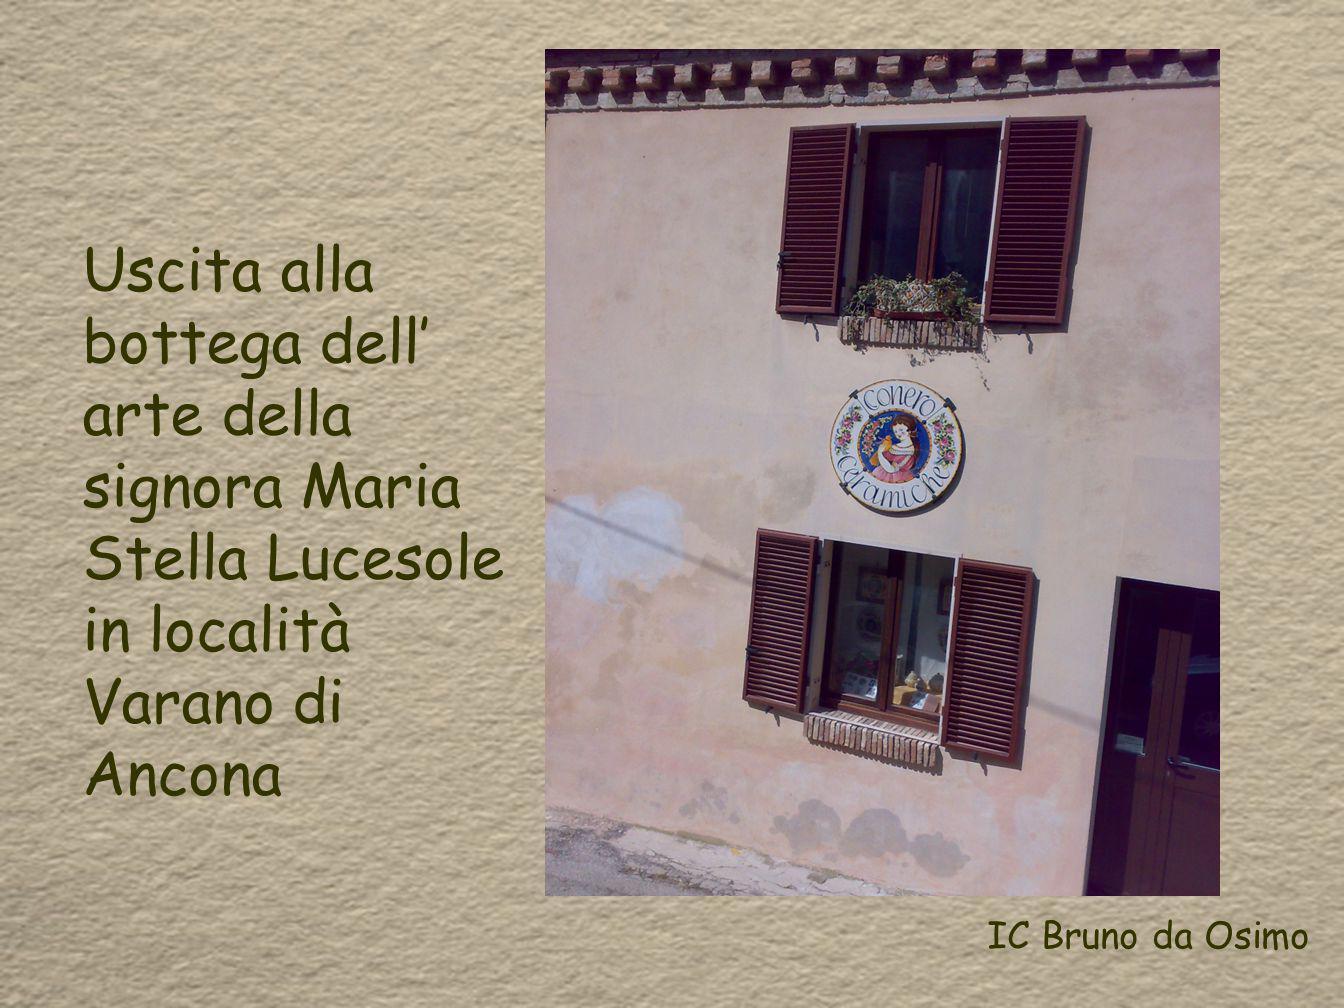 Uscita alla bottega dell' arte della signora Maria Stella Lucesole in località Varano di Ancona